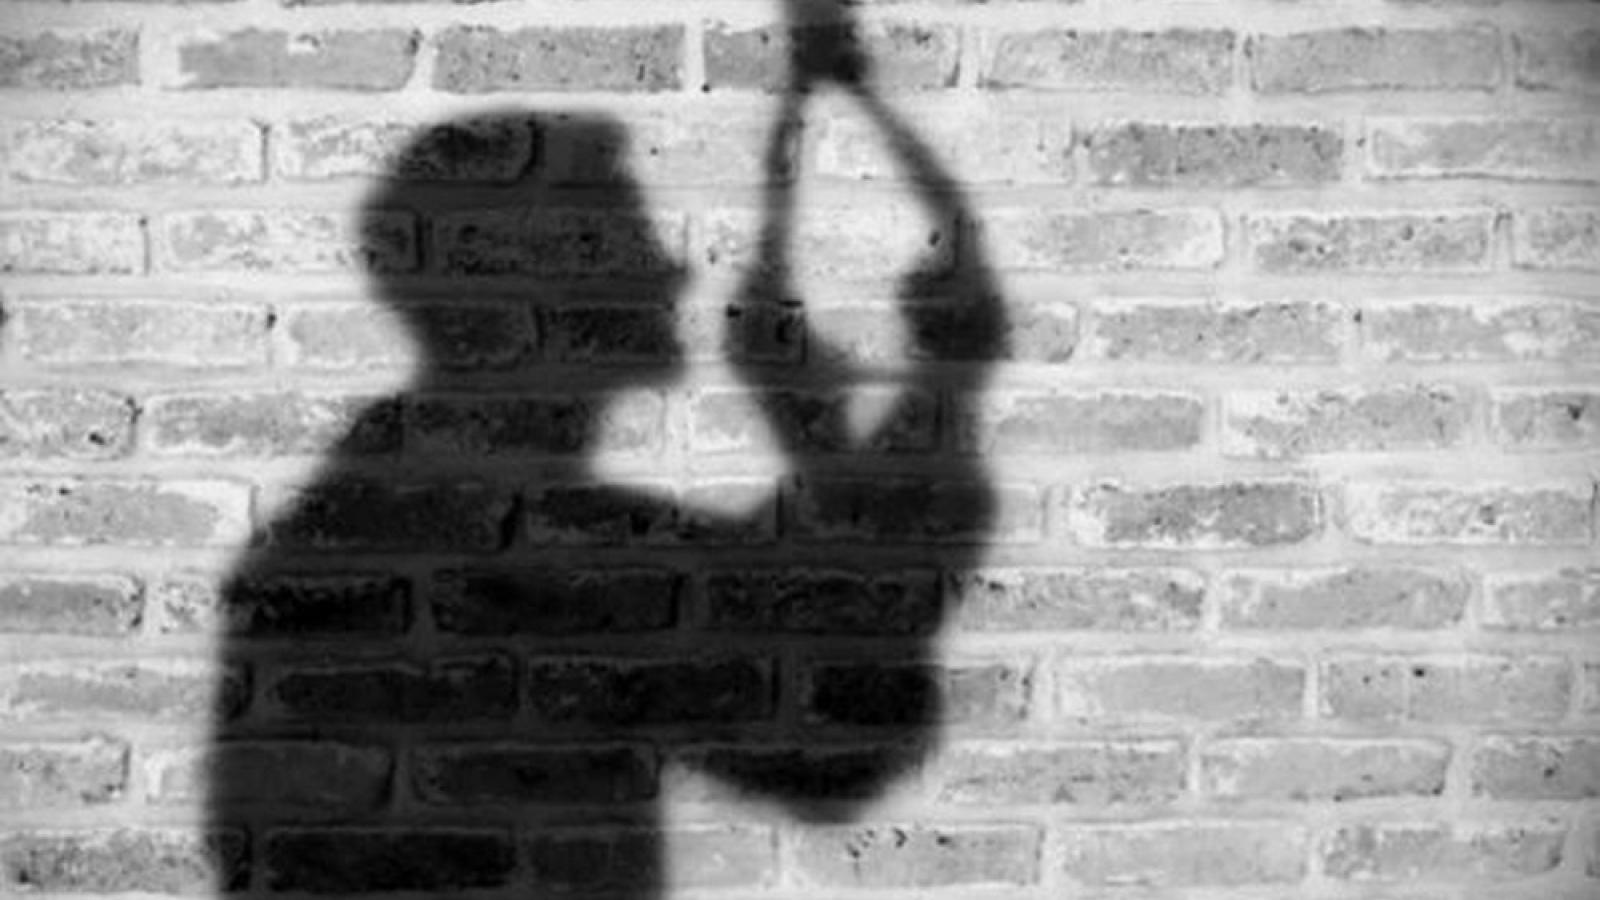 """Tự tử ở giới trẻ, biểu hiện của thế hệ """"thiếu sức đề kháng""""?"""